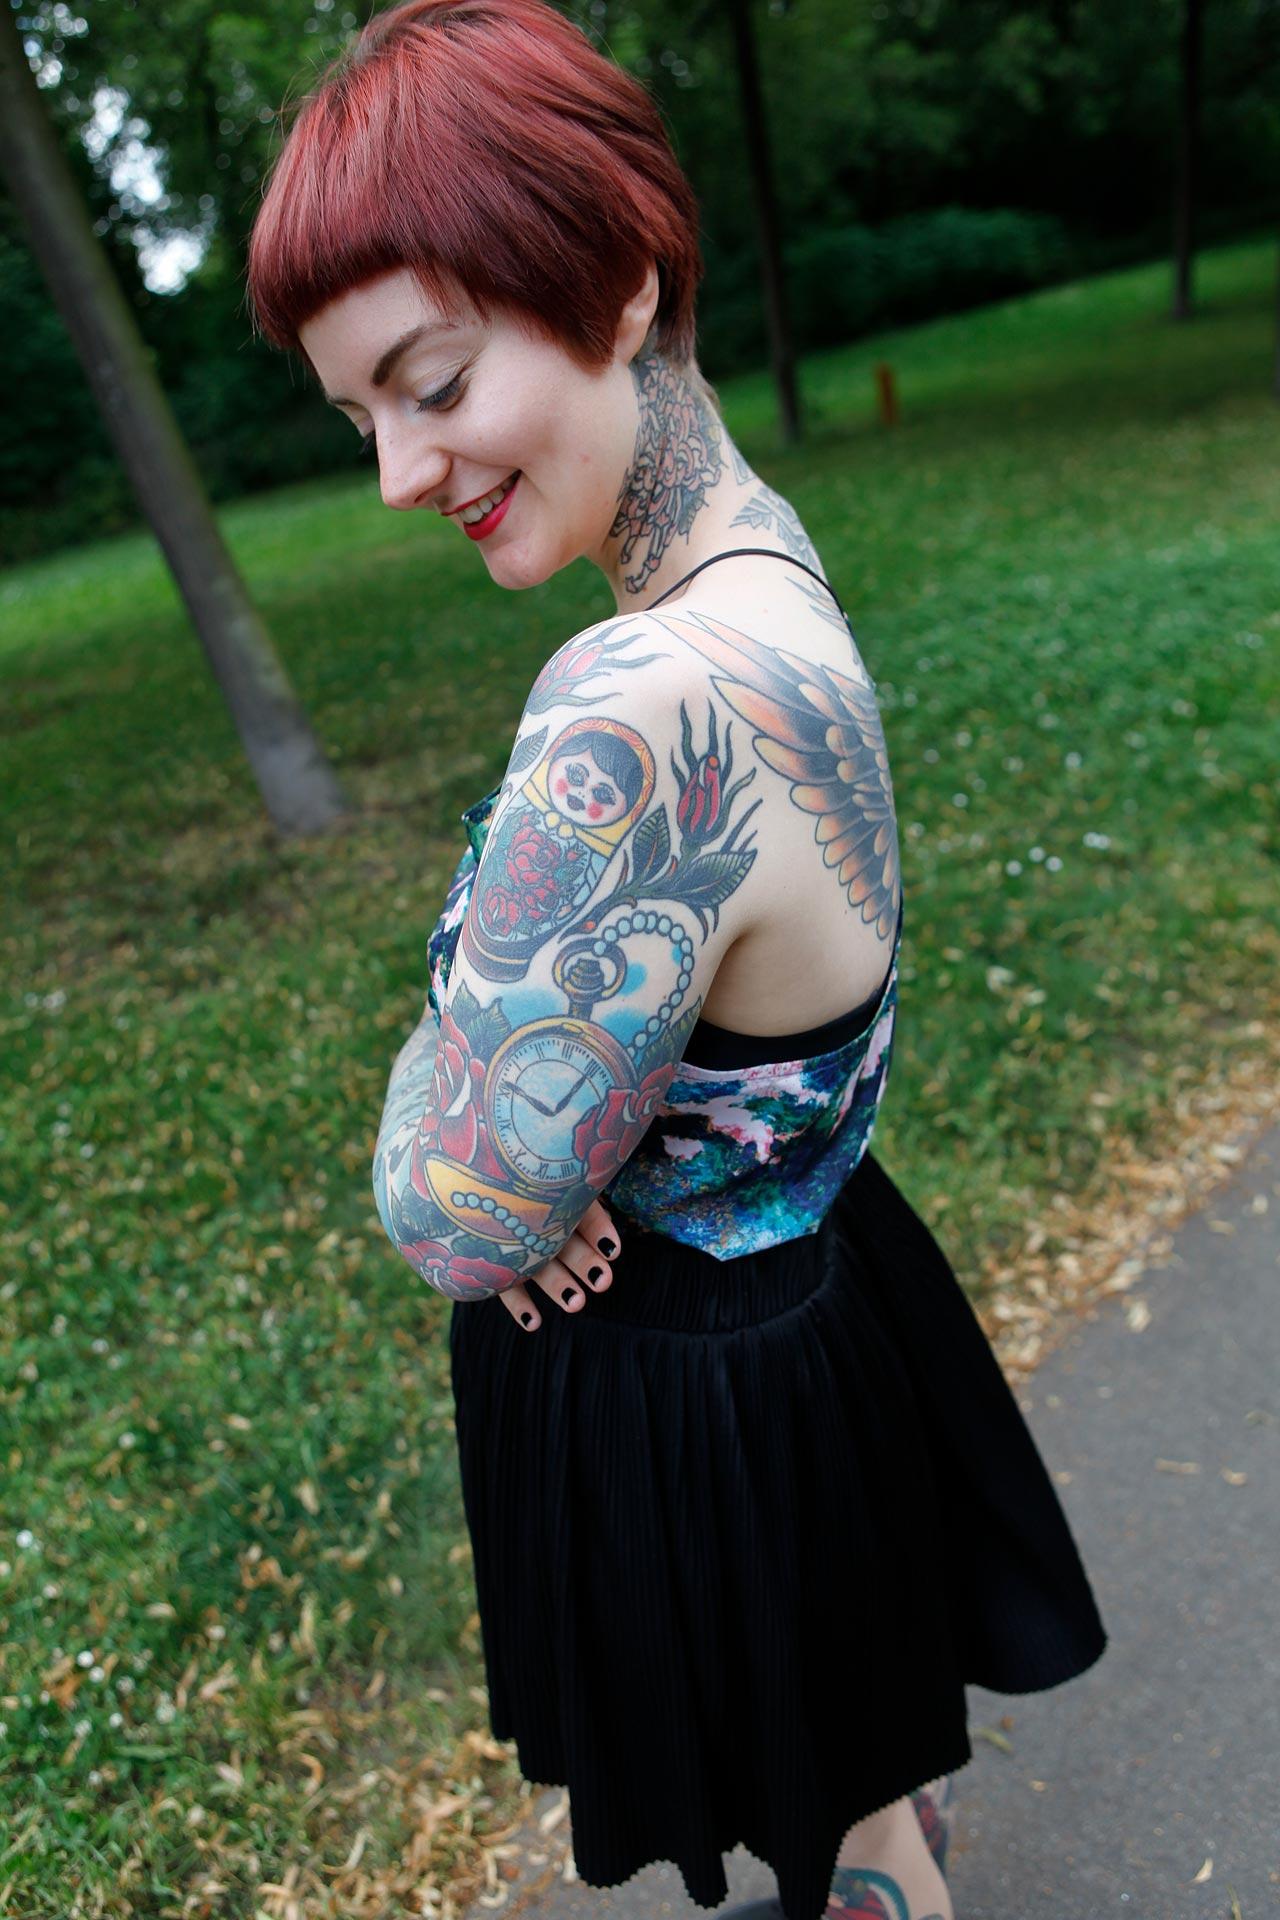 Nastassja ließ sich vor sechs Jahren ihr erstes Tattoo stechen.